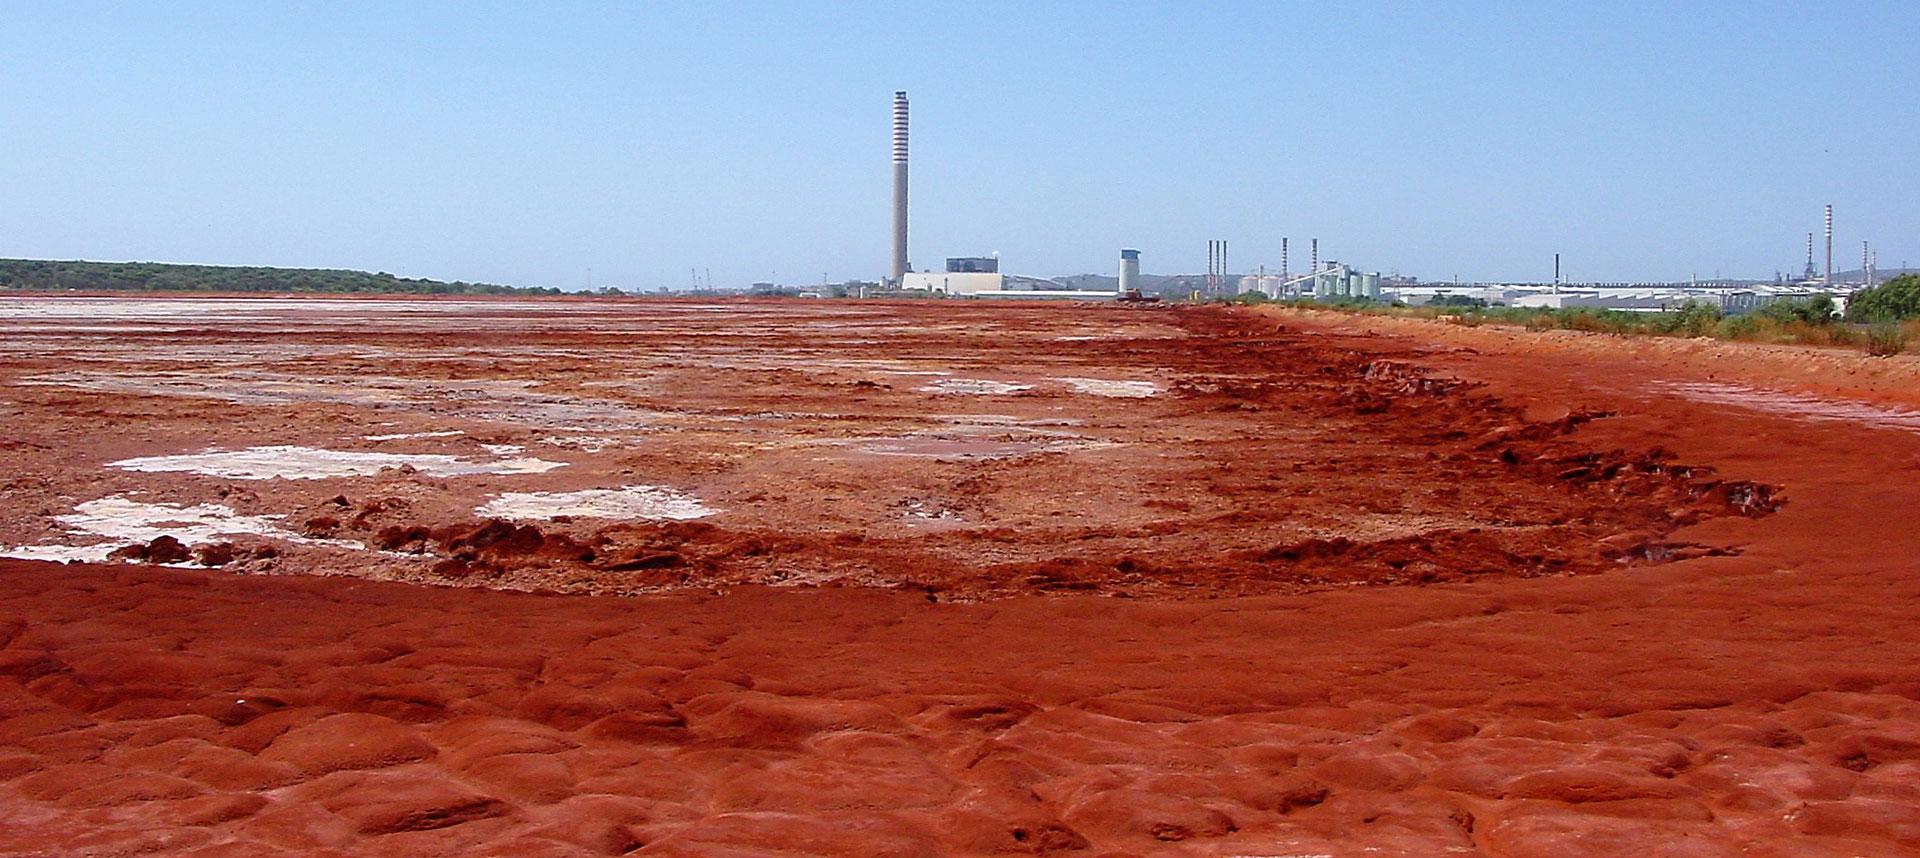 Tethys srl Milano - analisi e bonifica di siti contaminati